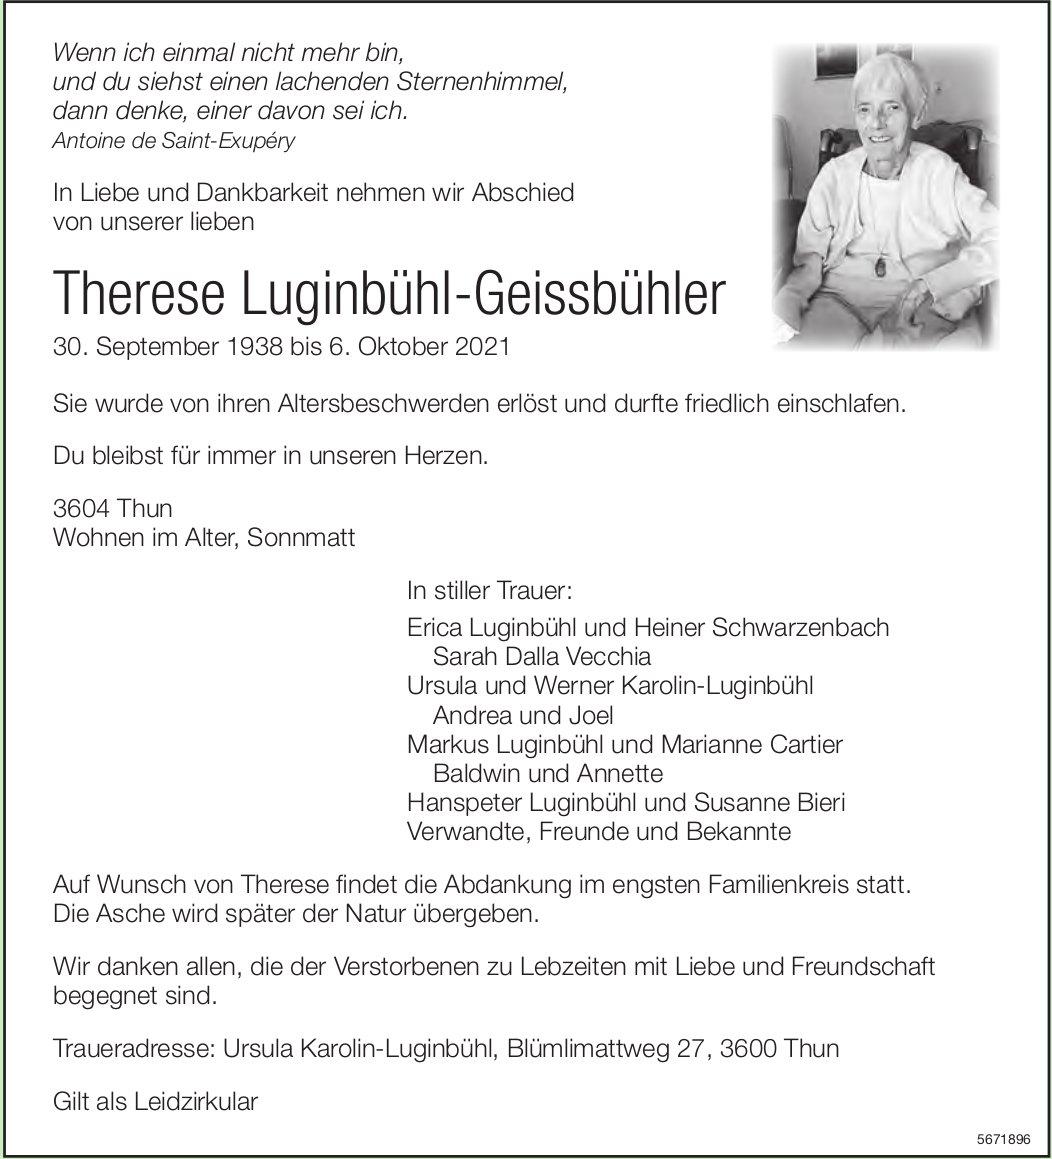 Luginbühl-Geissbühler Therese, Oktober 2021 / TA